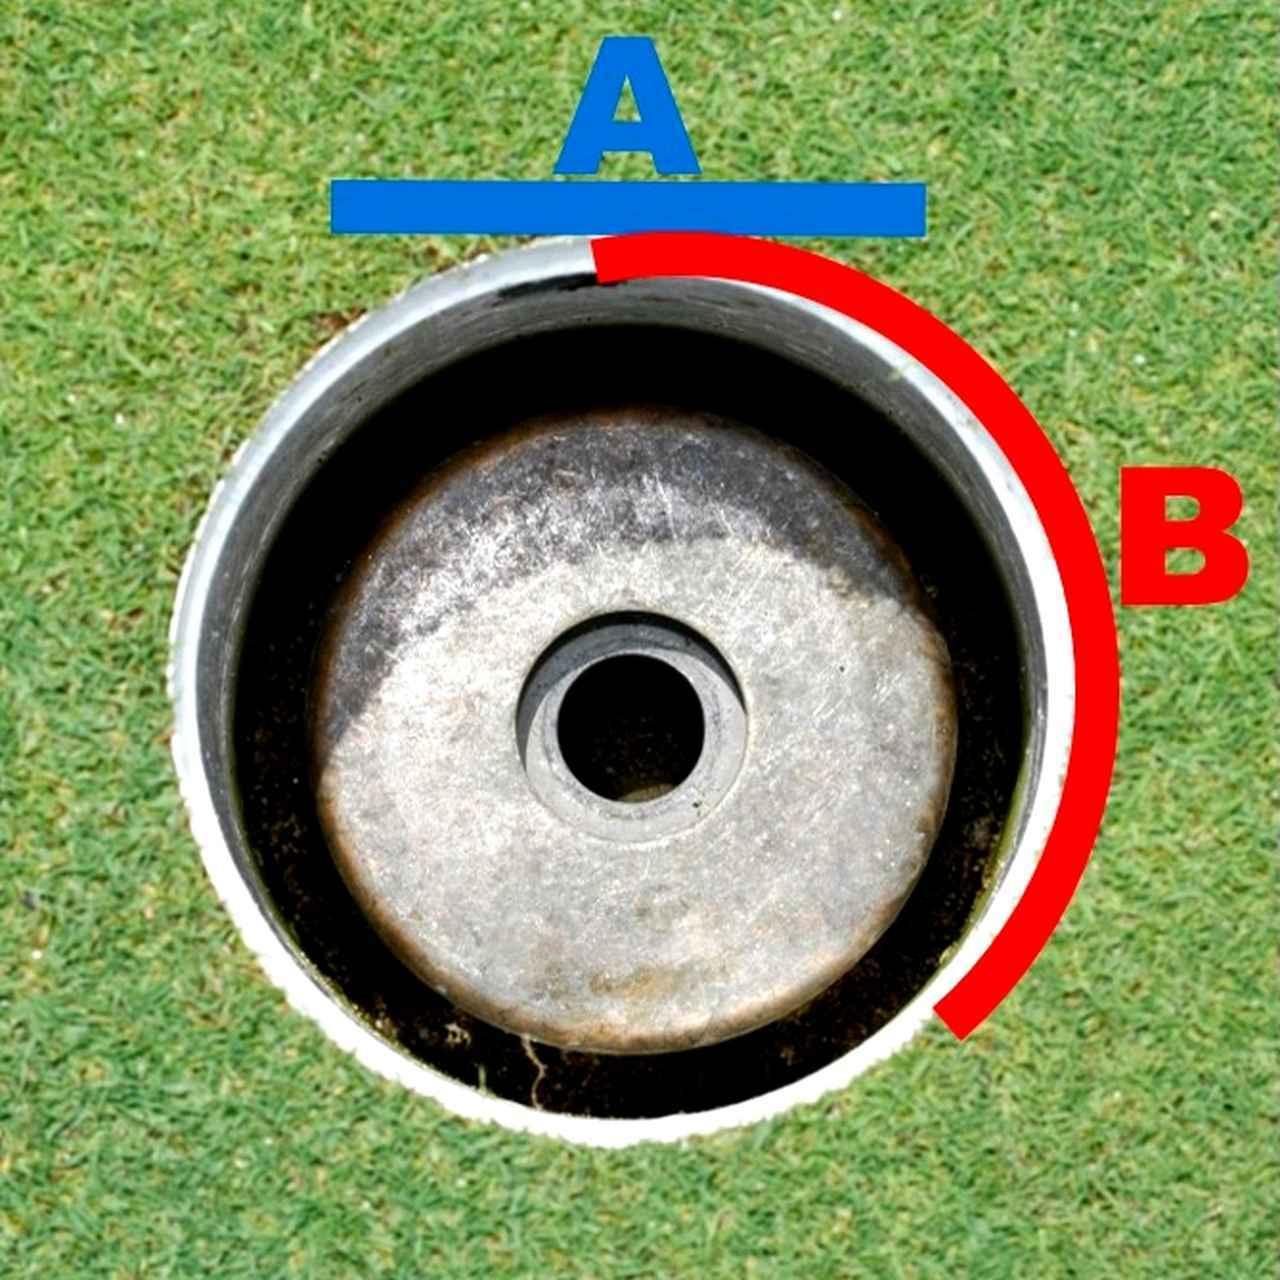 画像: 「直線的にカップの真ん中を狙う「A」よりも、ボール1個分横から狙う「B」と入り口が広く使え、カップインの確率が高まります」(久志岡プロ)